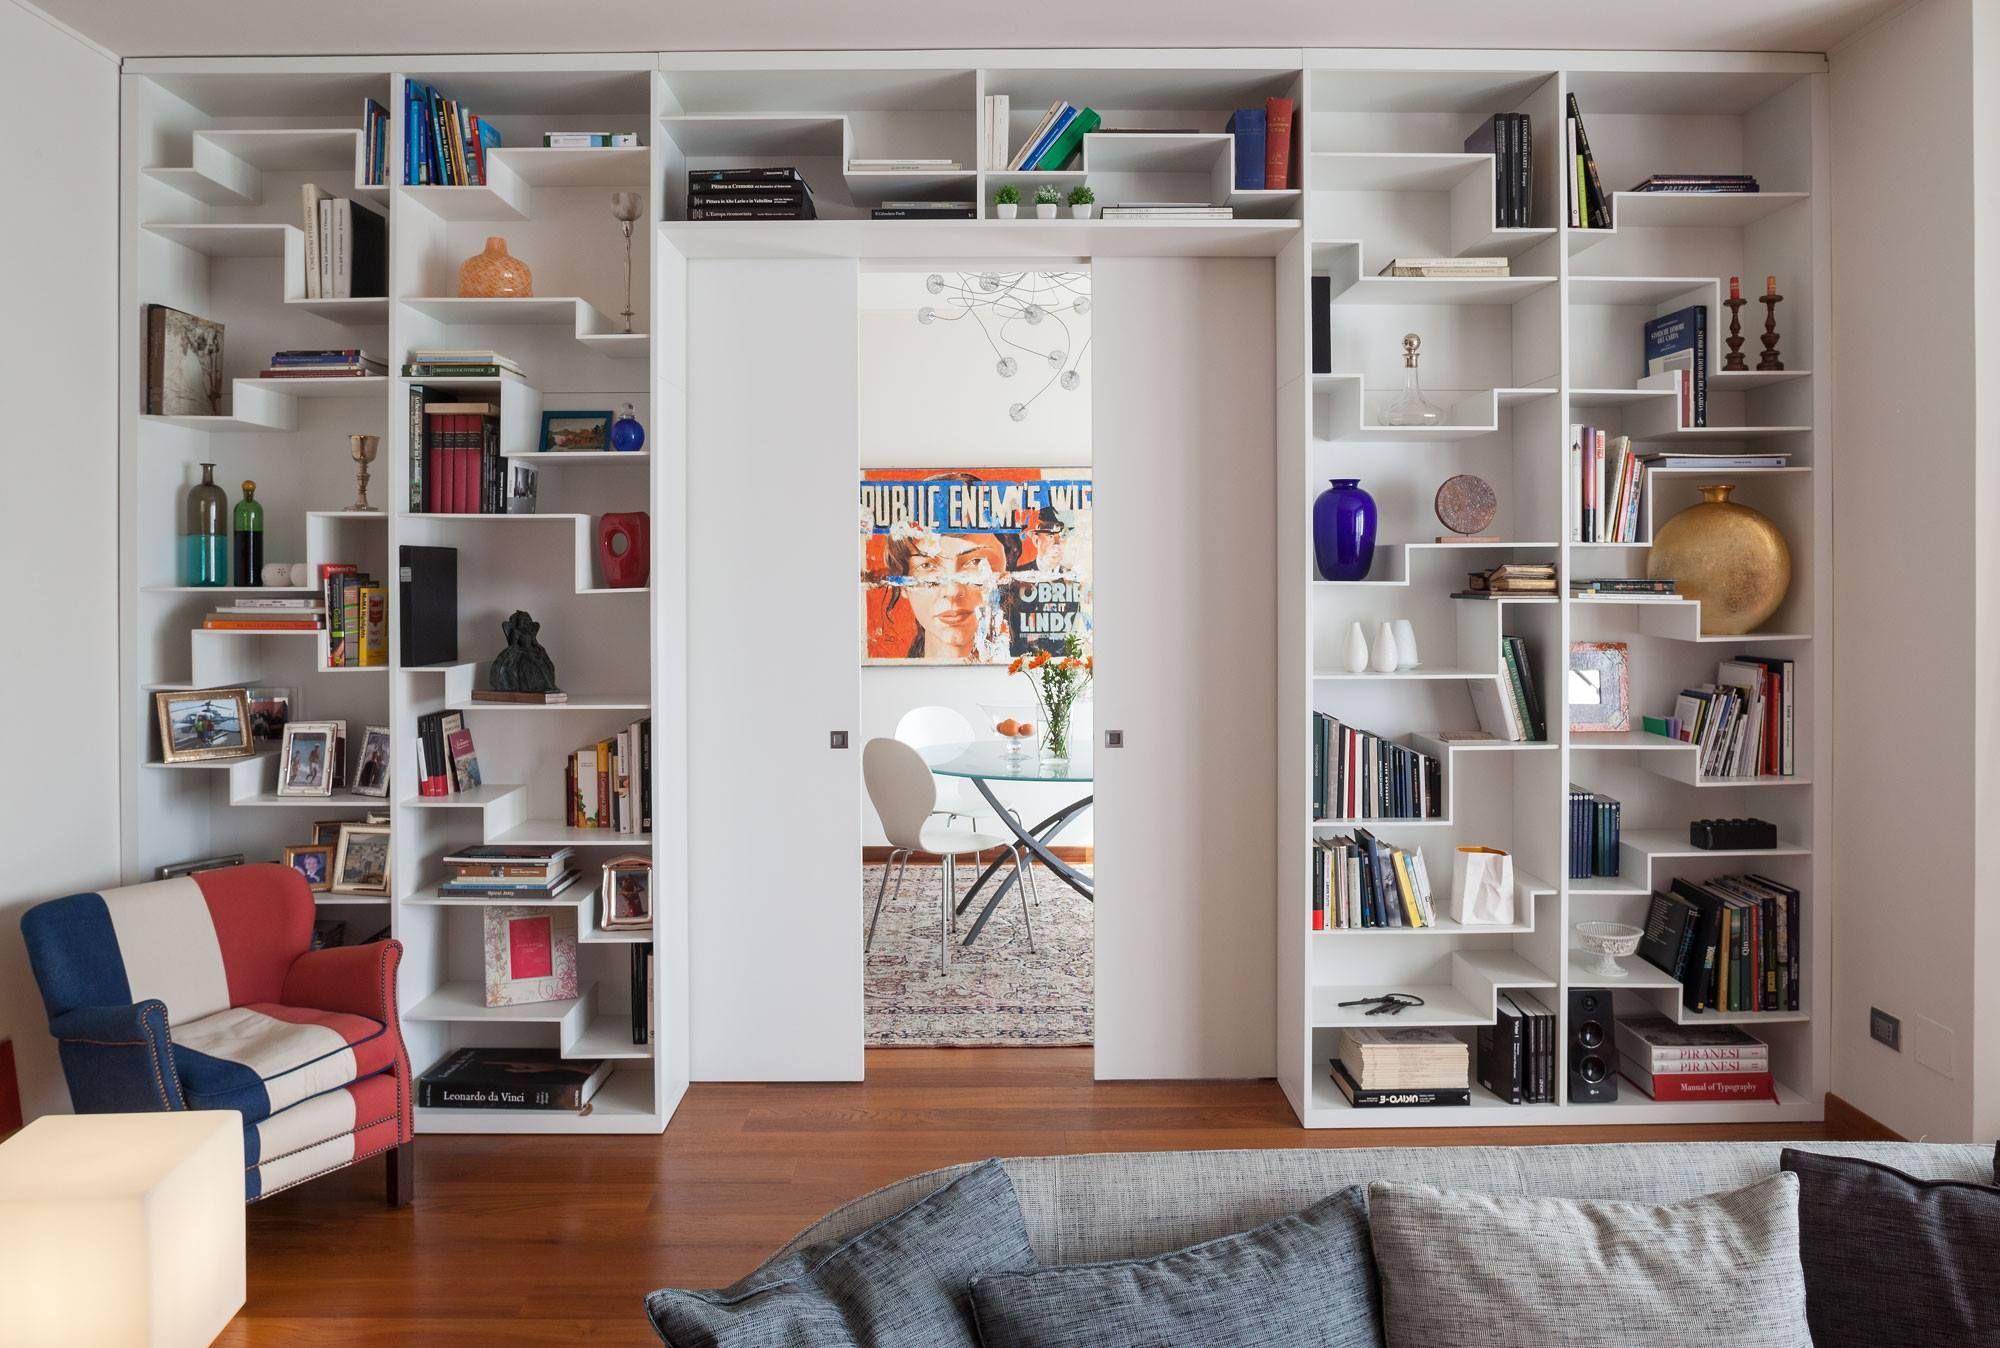 Idées Pour La Maison, Idee Deco, Design De Plafond, Mobilier Sur Mesure,